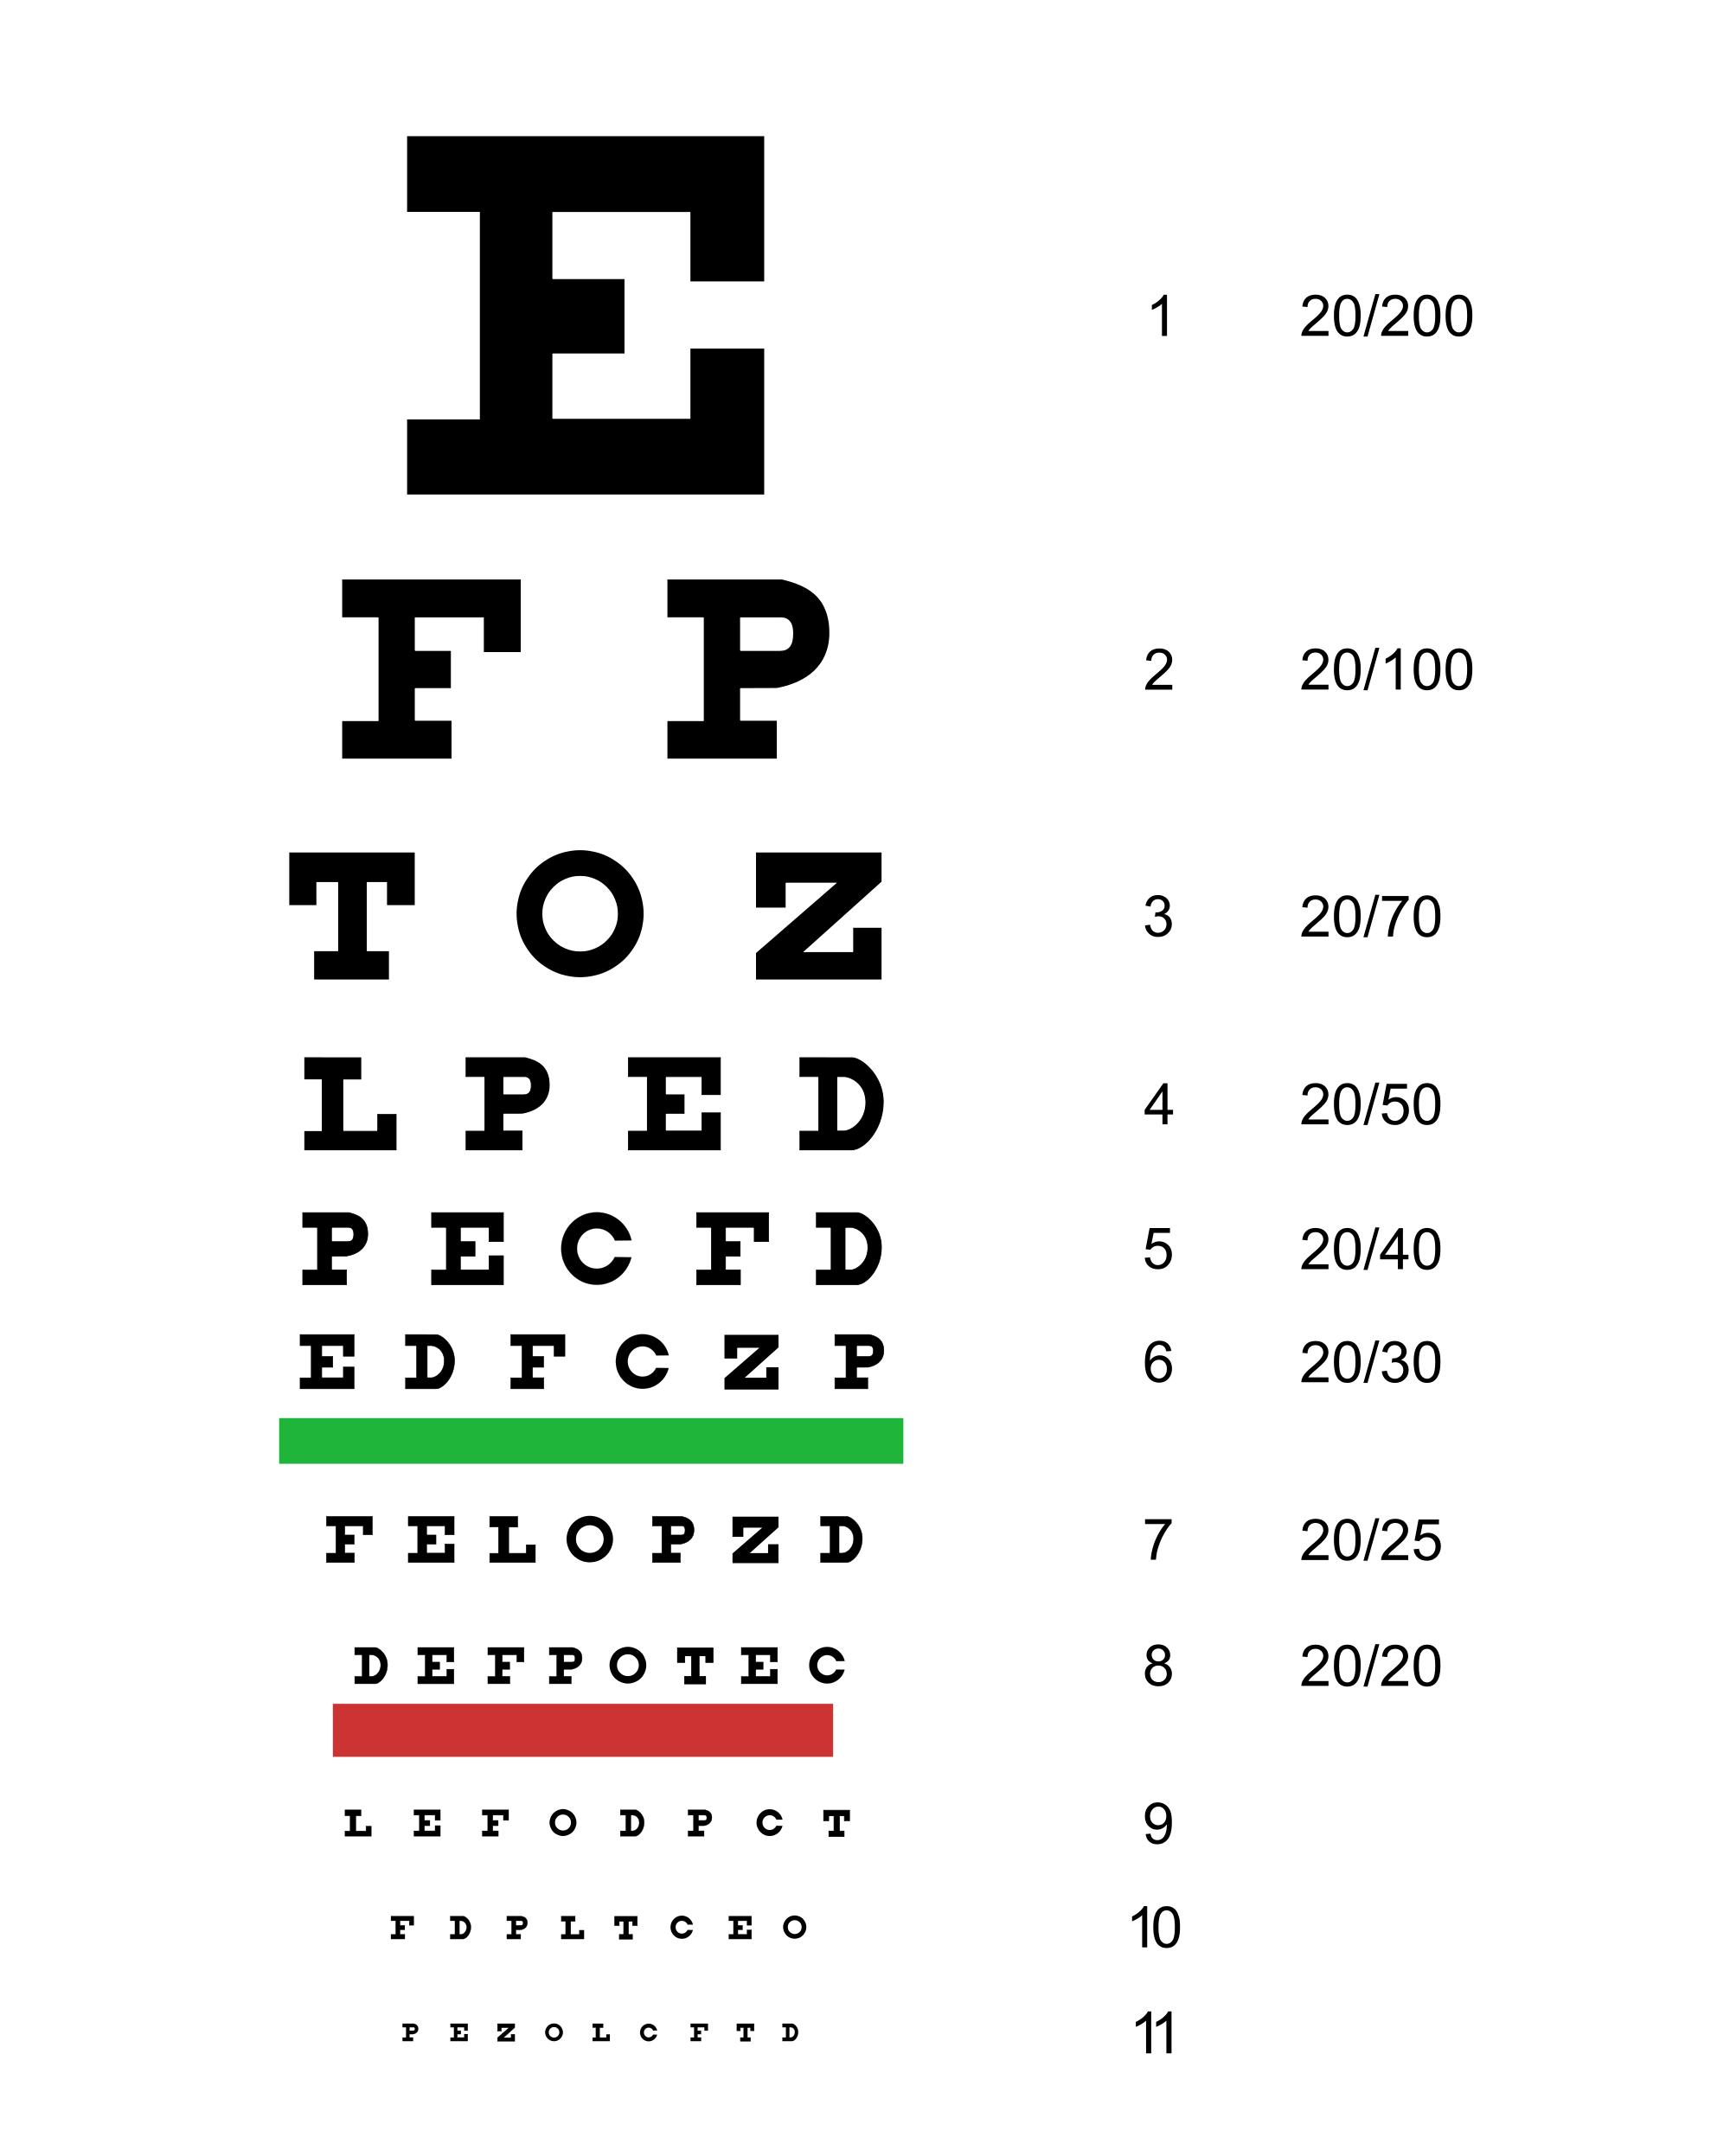 Látásvizsgálat, kiterjesztett 7 lépéses módszerrel a Szemüav-multitours.hu Optikákban - Szemüav-multitours.hu